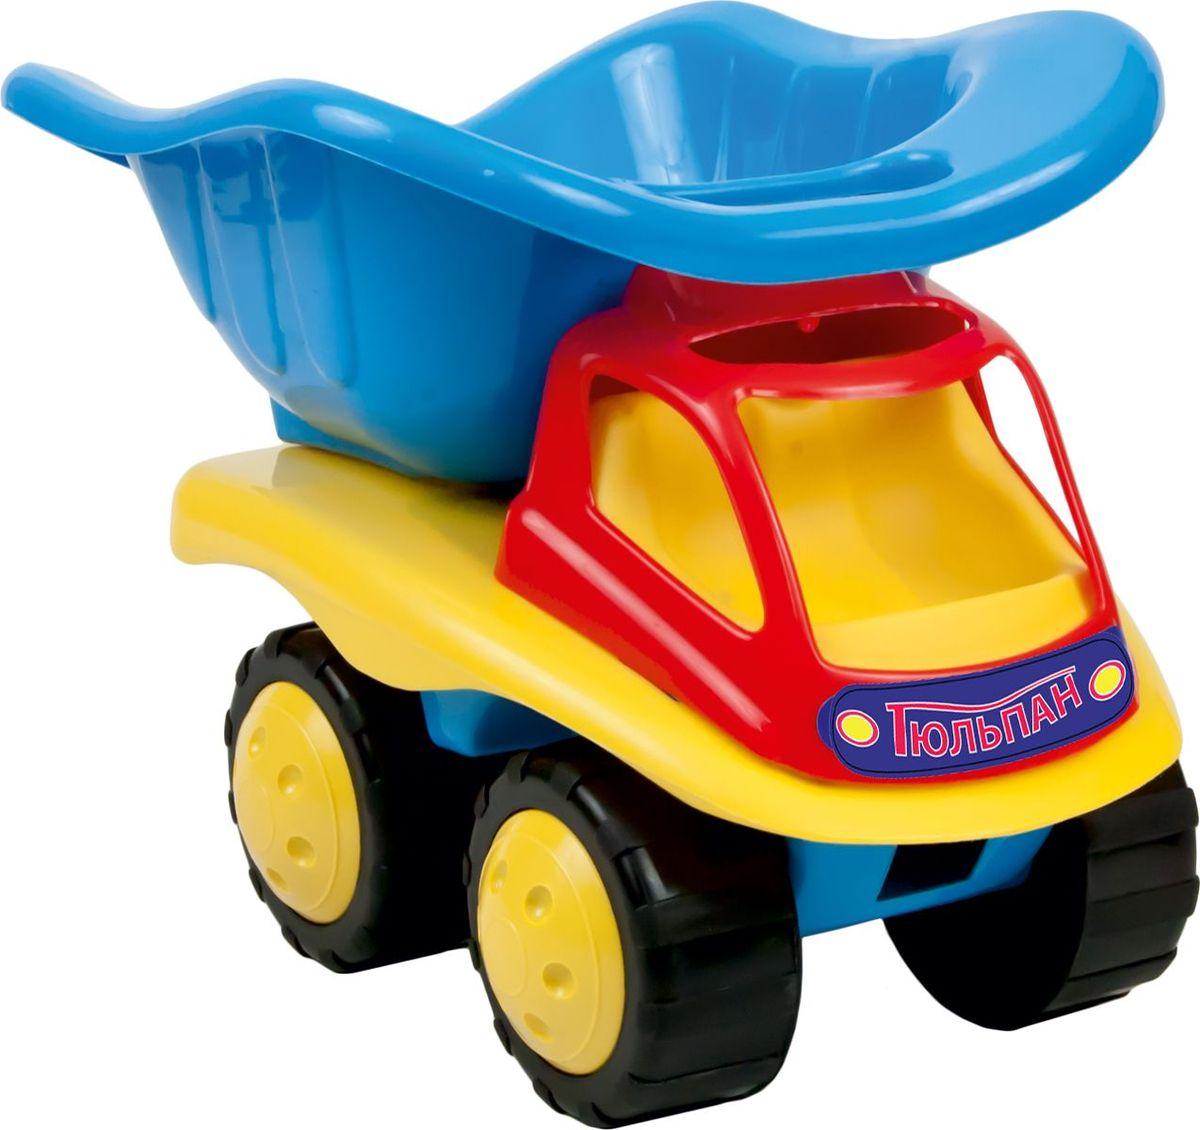 Zebratoys Автомобиль Тюльпан средний15-5664Машинки серии Тюльпан отличает большой размер деталей и отсутствие острых углов, что несомненно сказывается на безопасности при использовании. Эта игрушка станет замечательным подарком для самых маленьких.